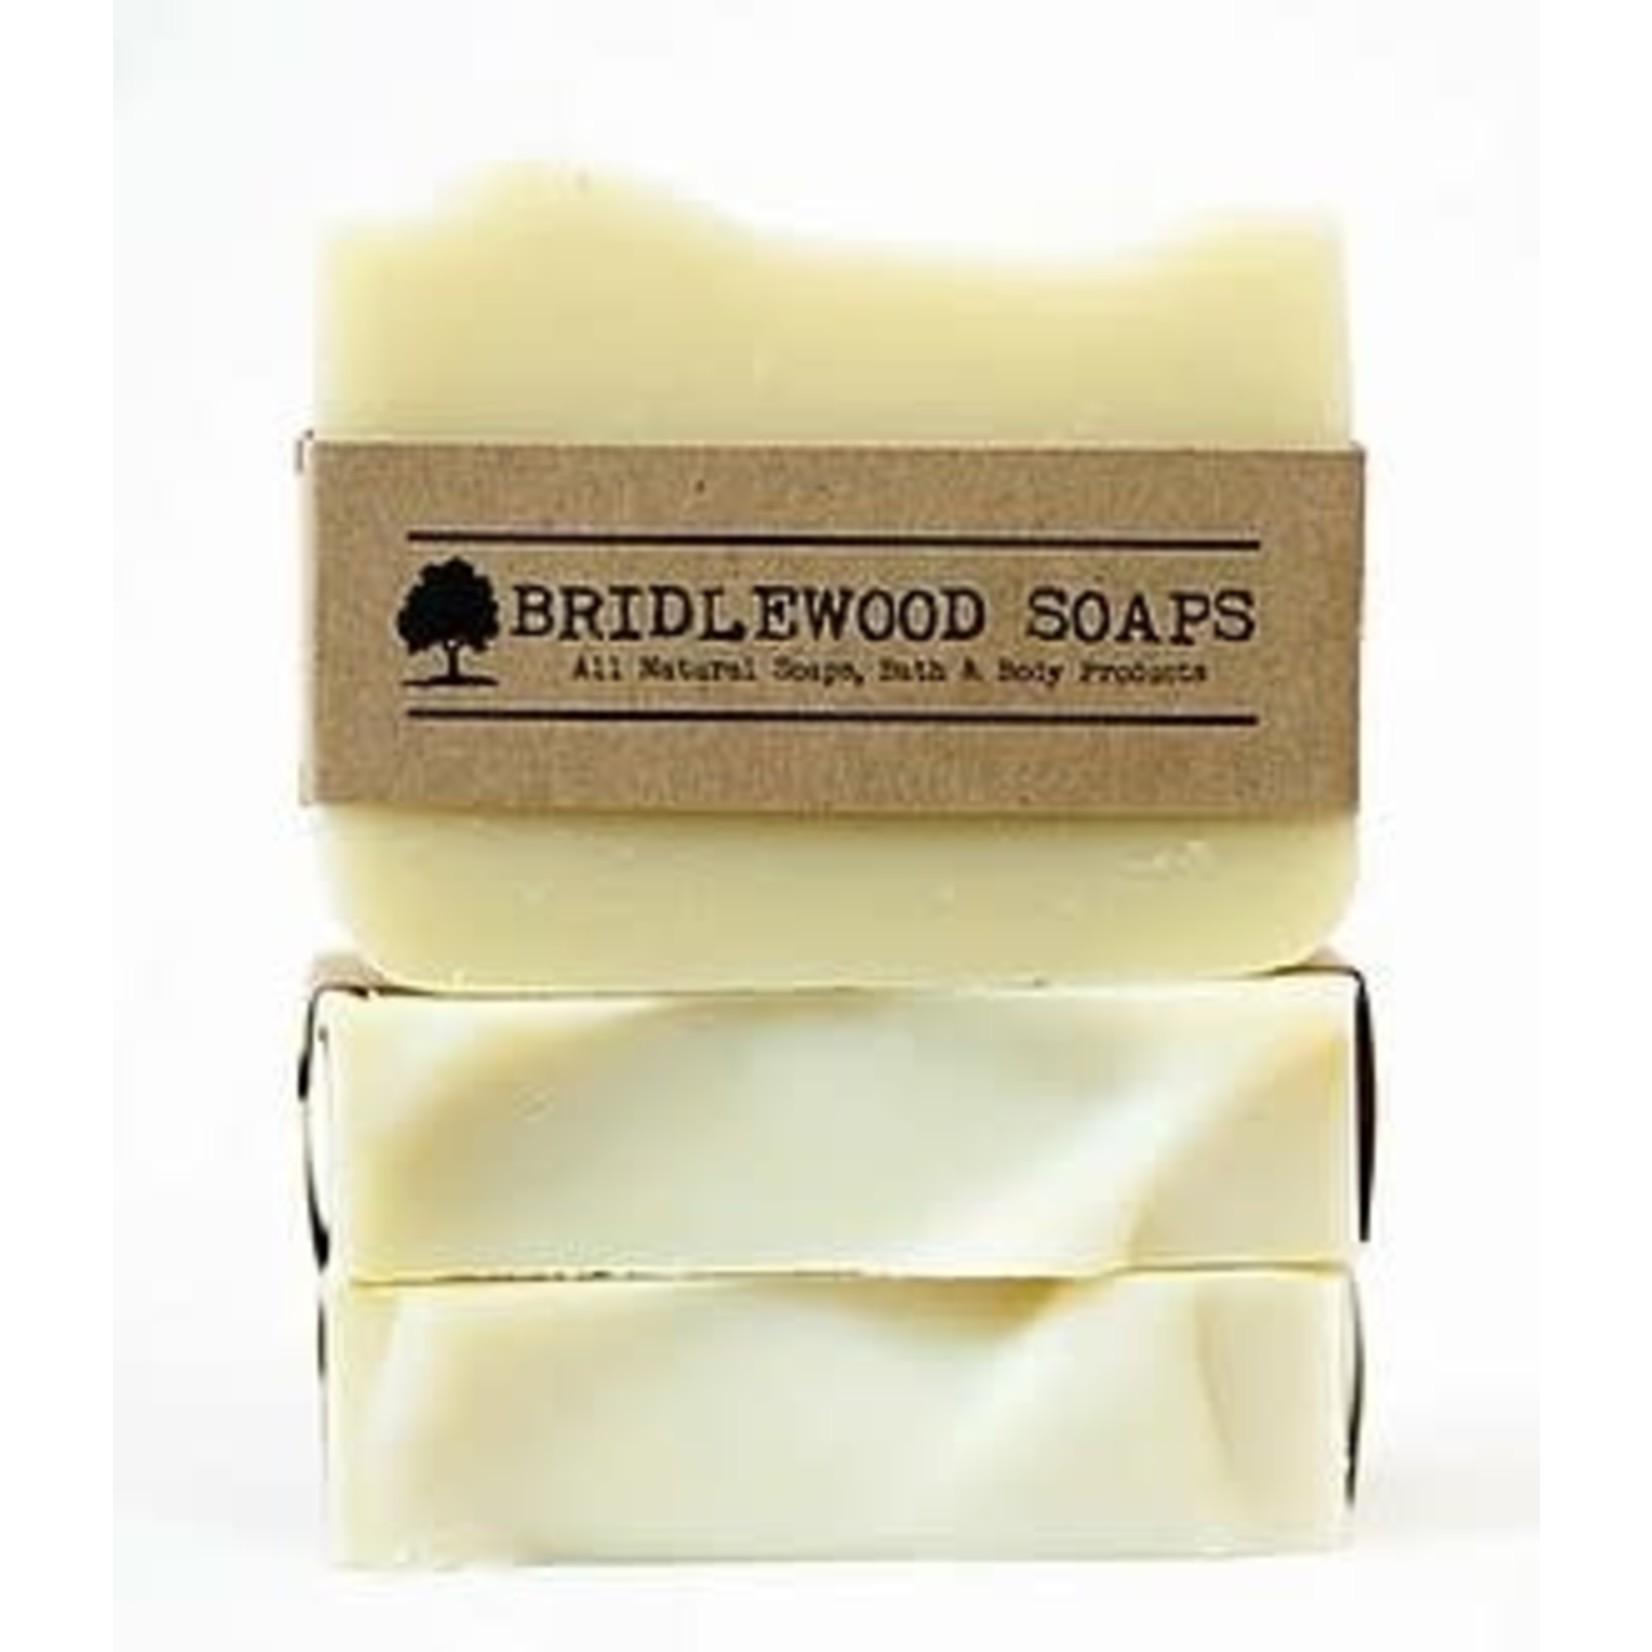 Bridlewood Soaps Bridlewood Bar Soaps